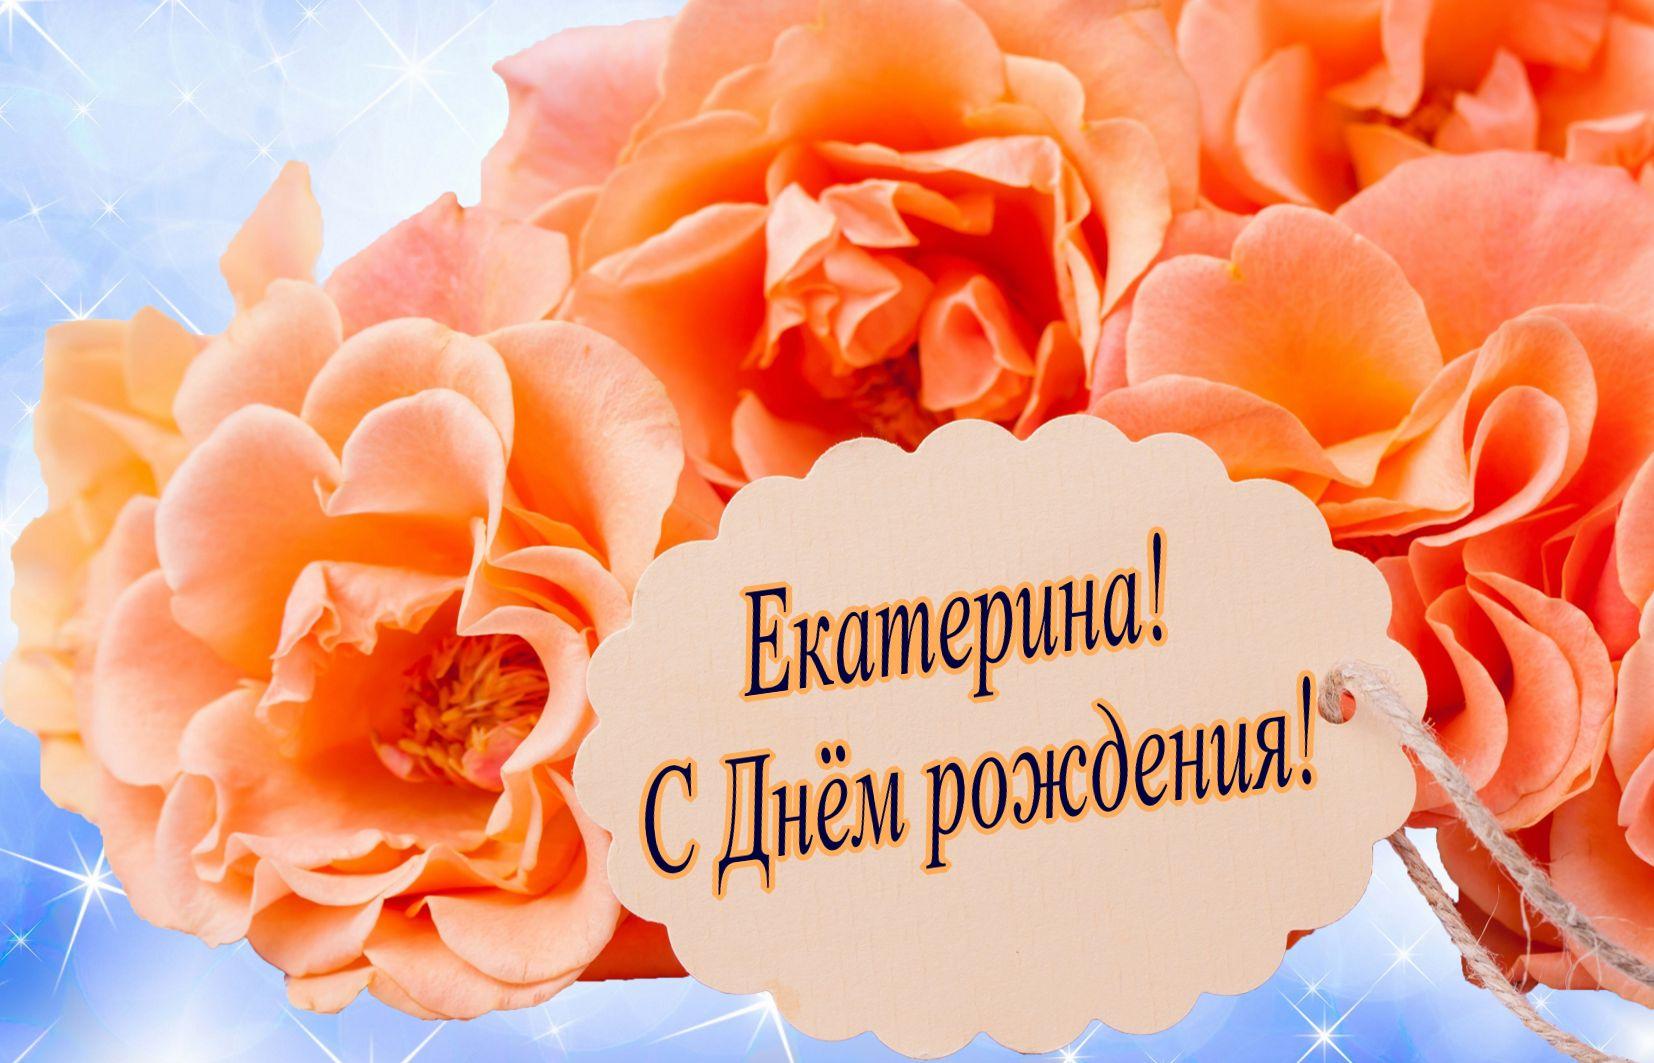 Открытка с Днем рождения - оранжевые цветы для Екатерины